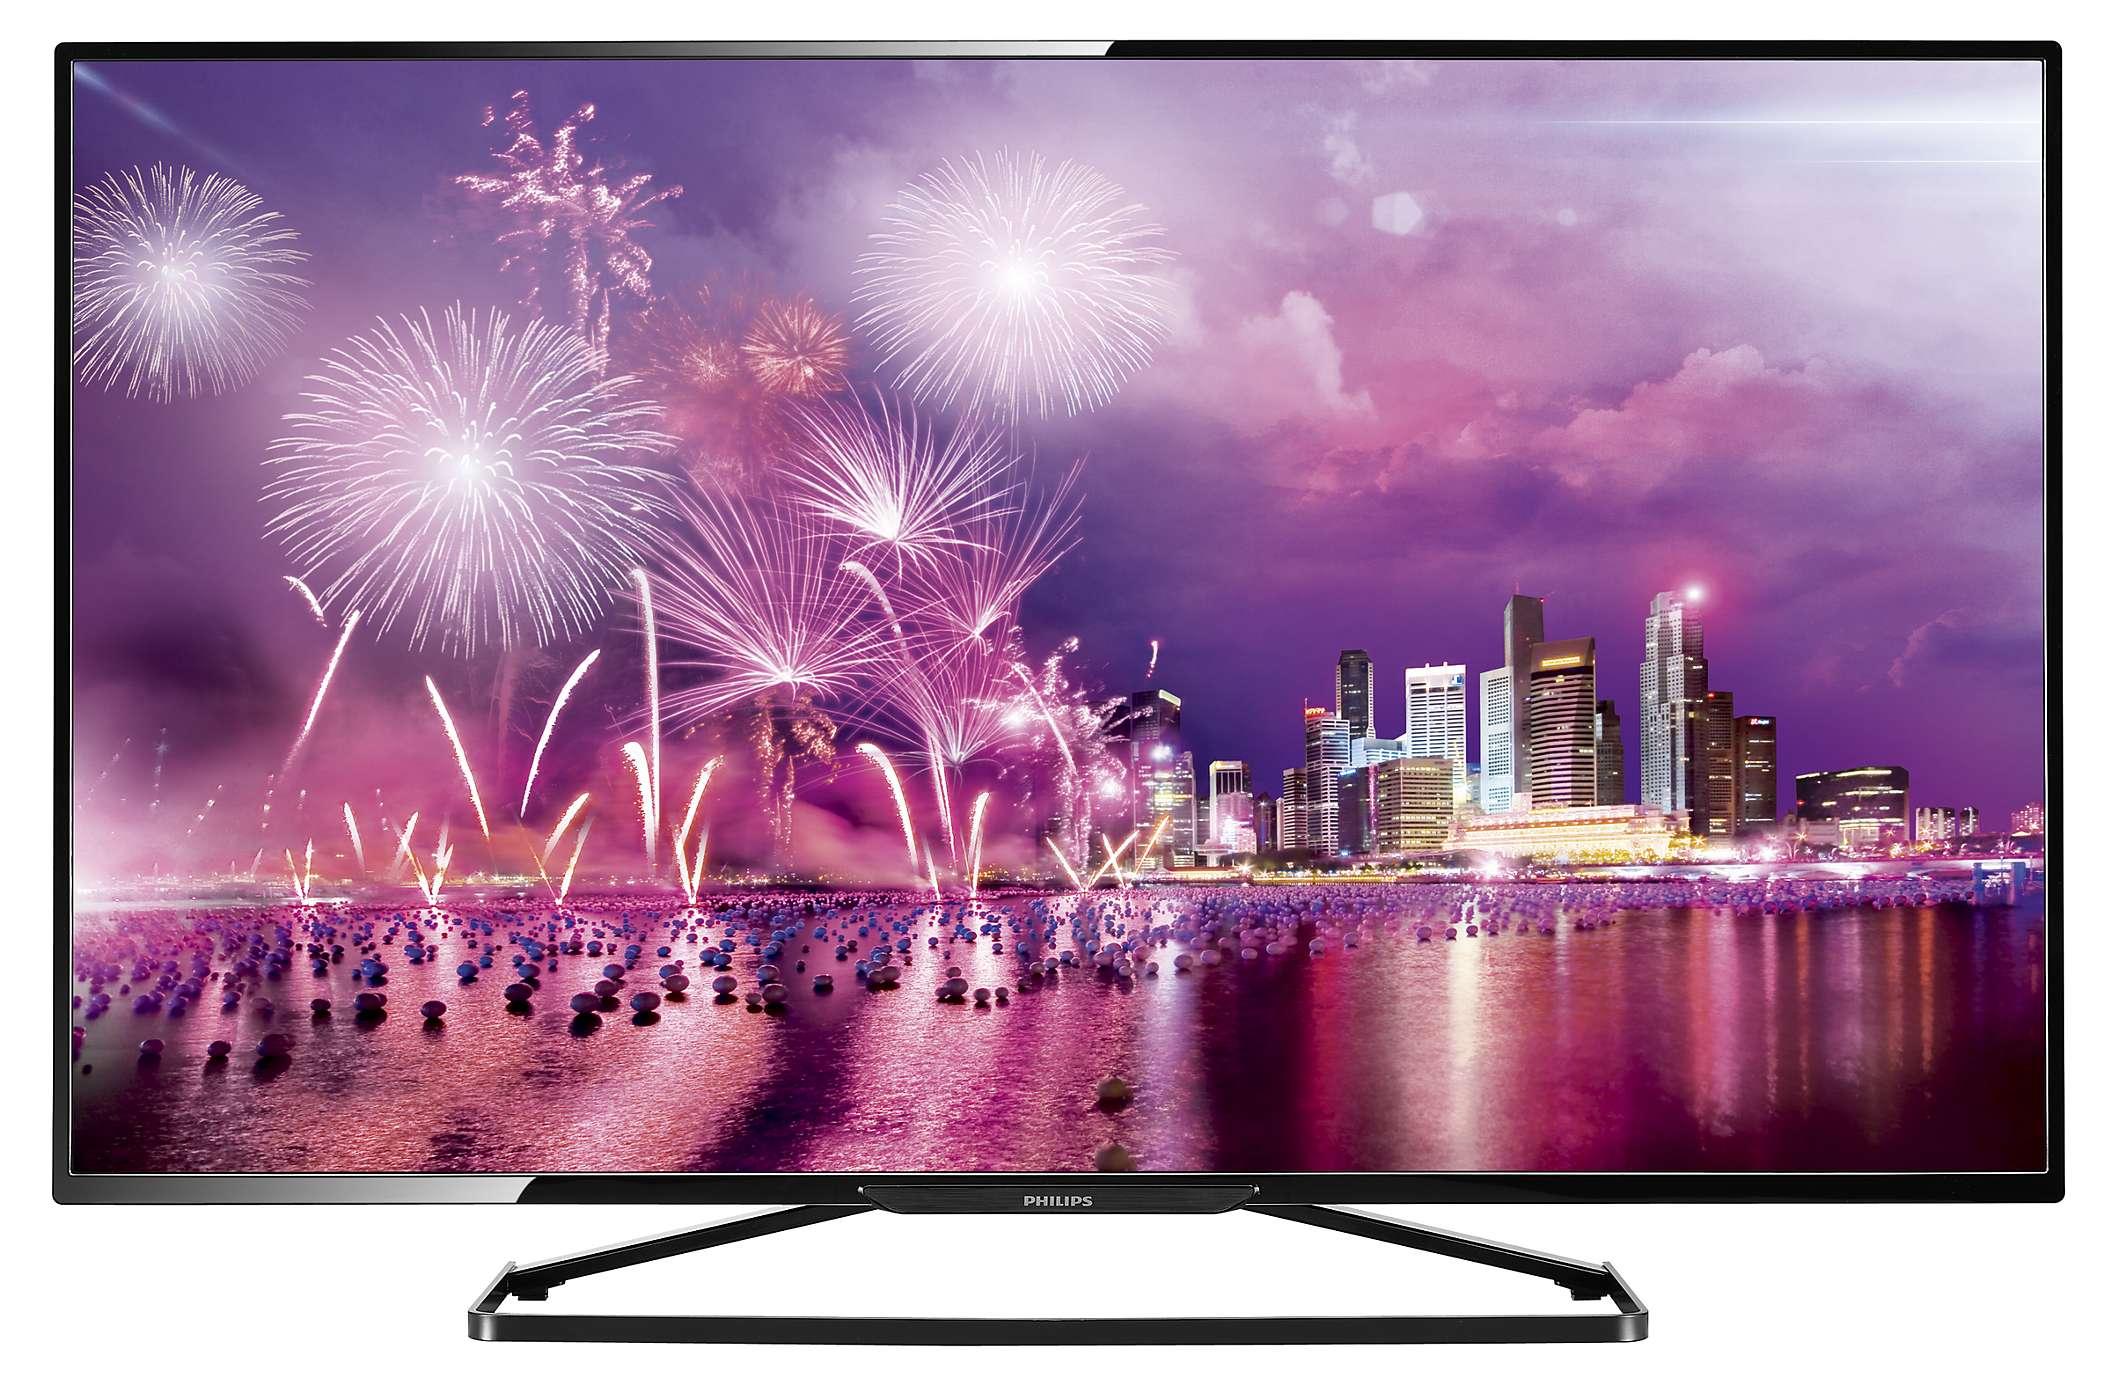 Smart TV Philips 6500: Sang trọng với đèn nền Ambilight